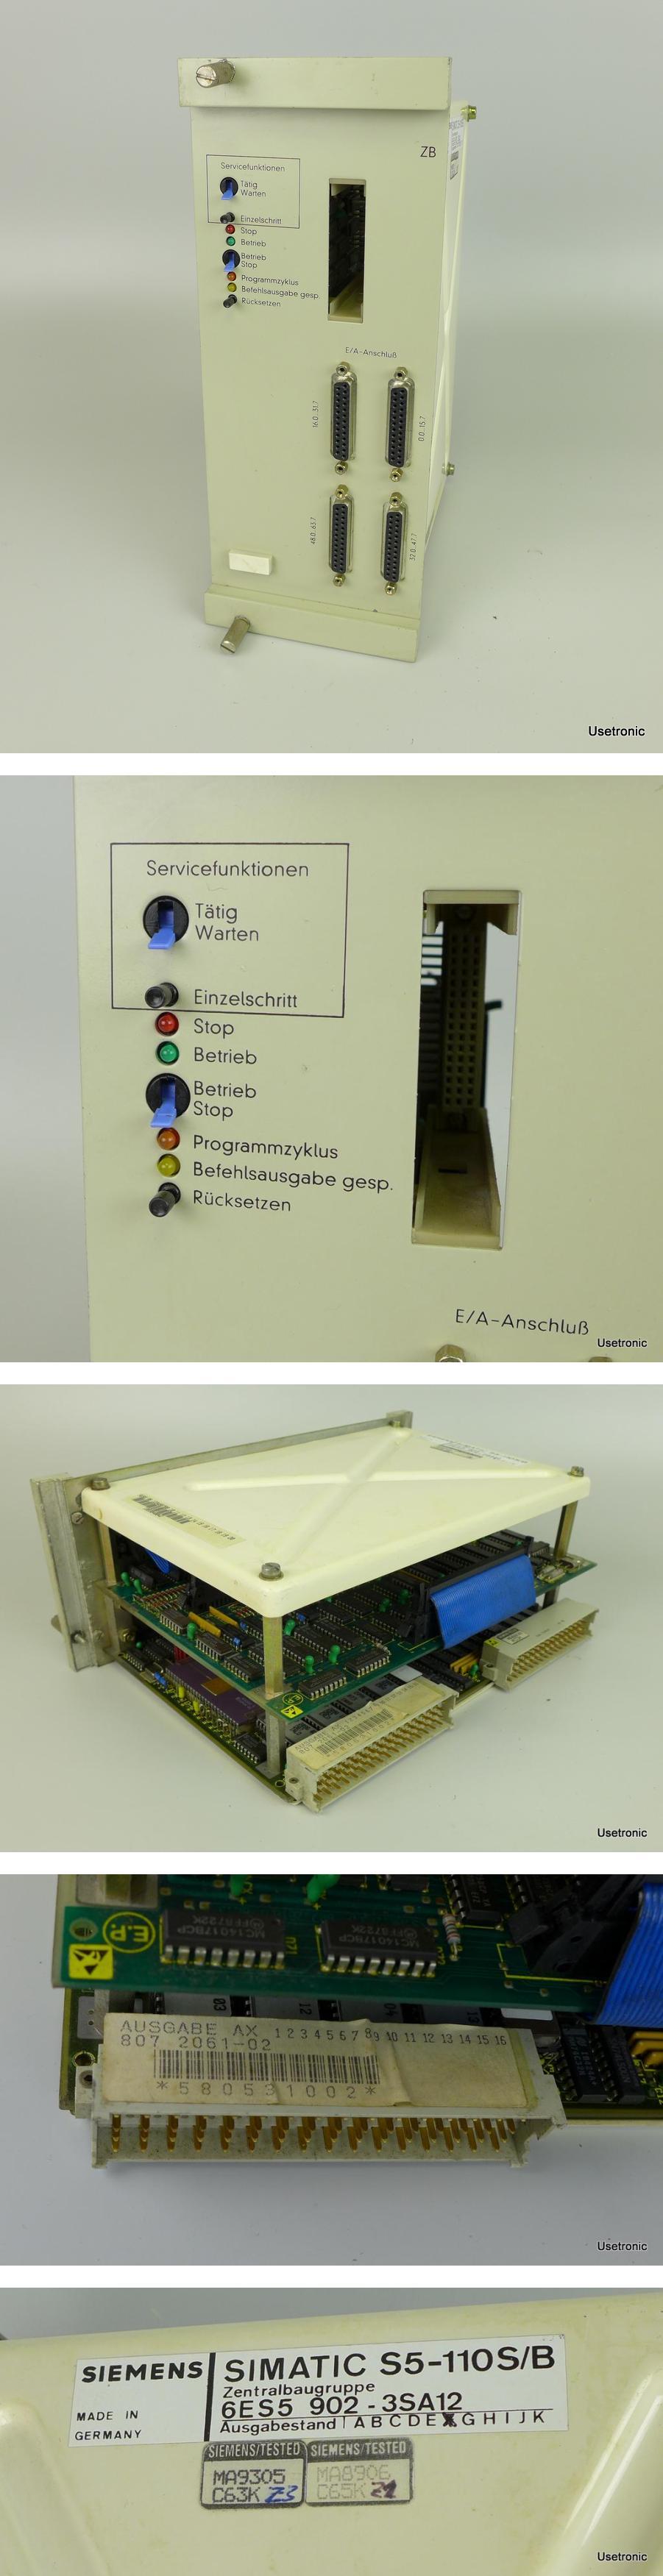 Siemens S5-110S/B 6ES5902-3SA12